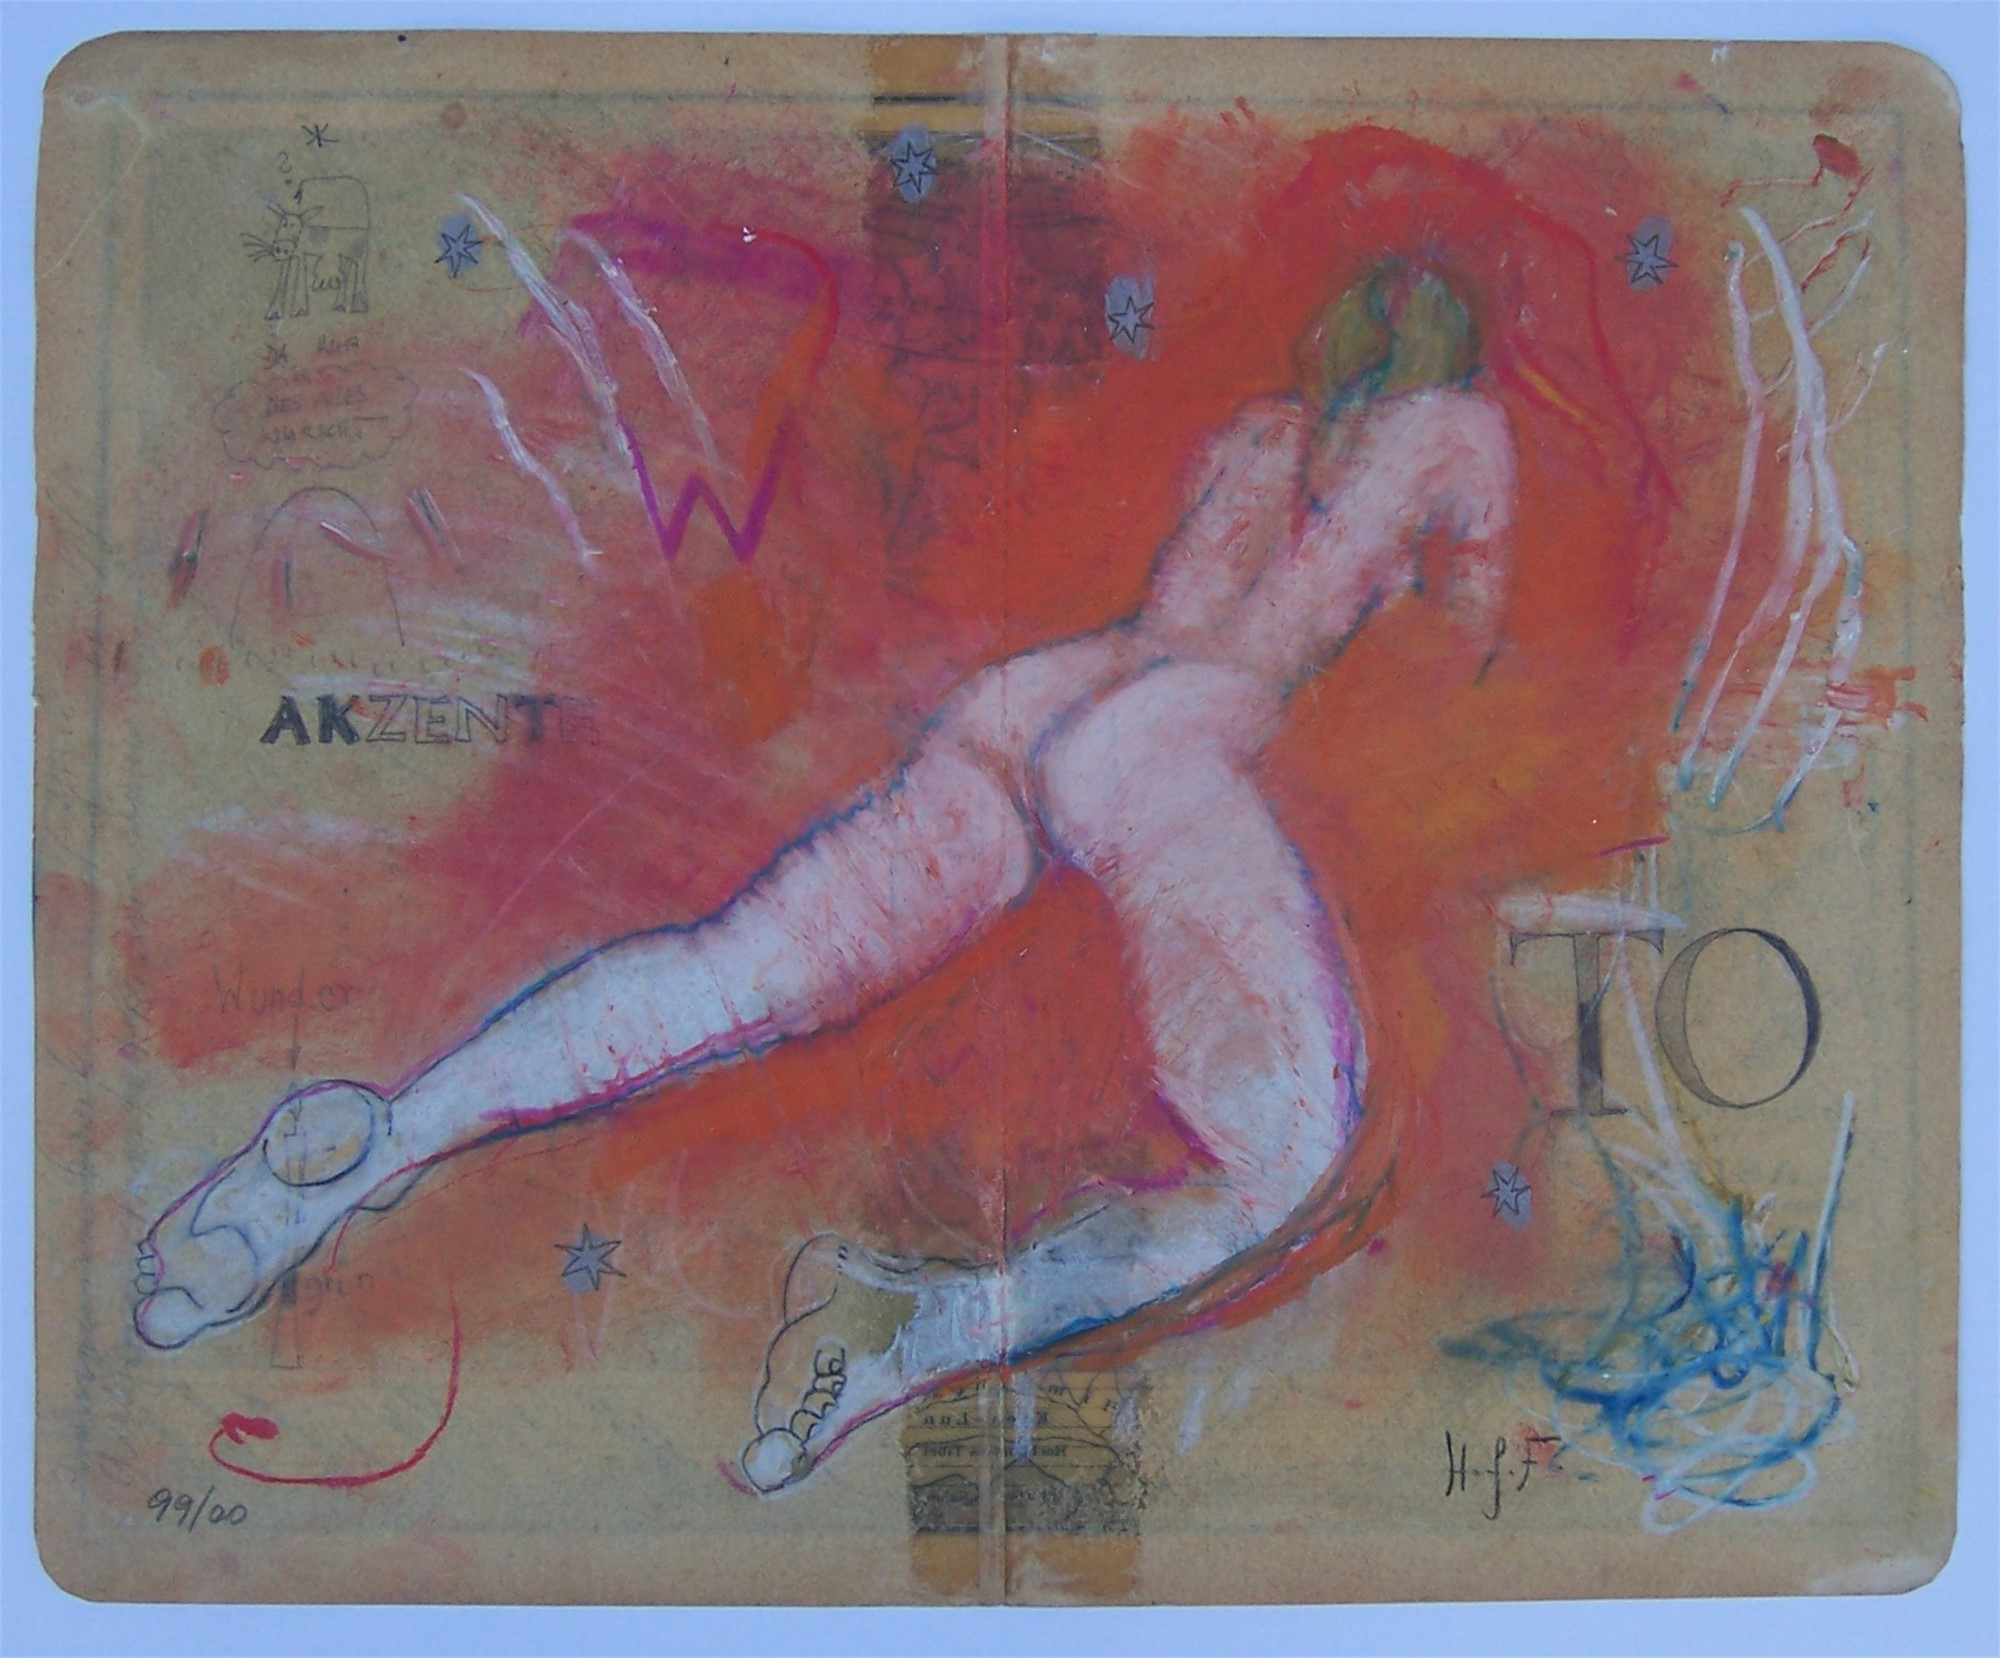 Akzent by Hans Joerg Fuerpass